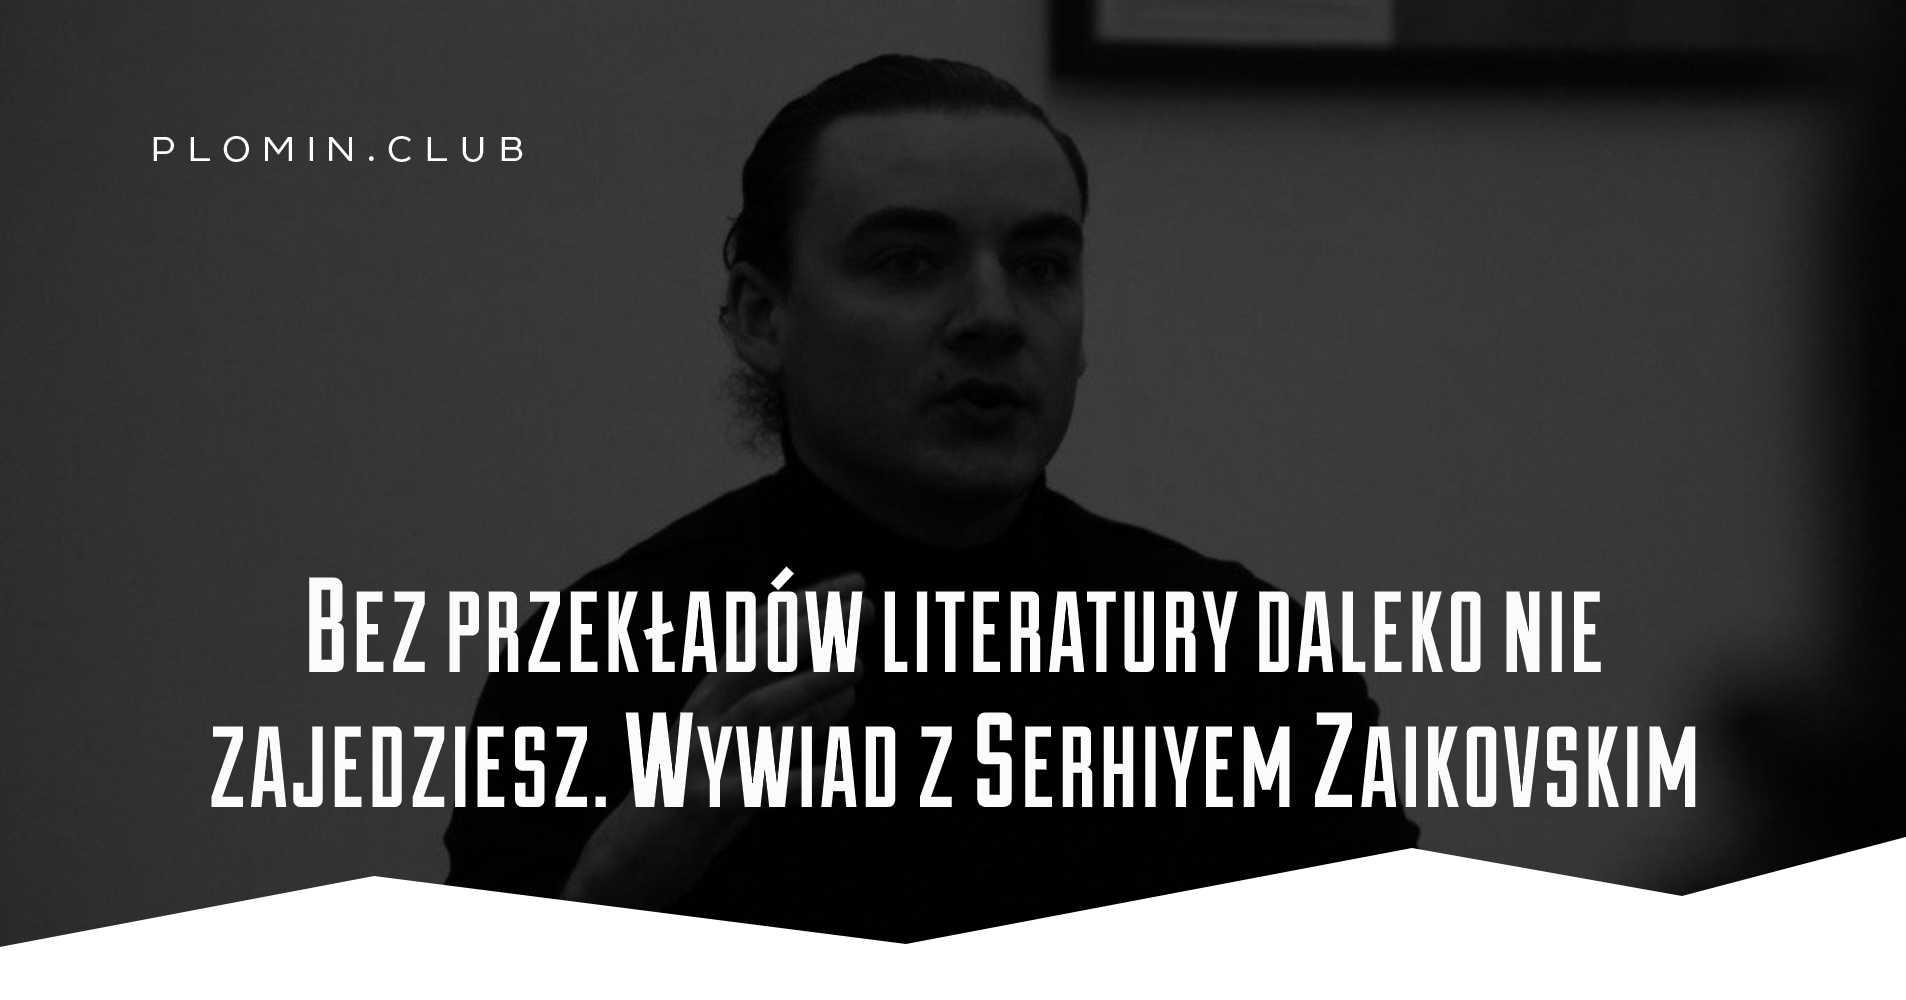 Bez przekładów literatury daleko nie zajedziesz. Wywiad z Serhiyem Zaikovskim